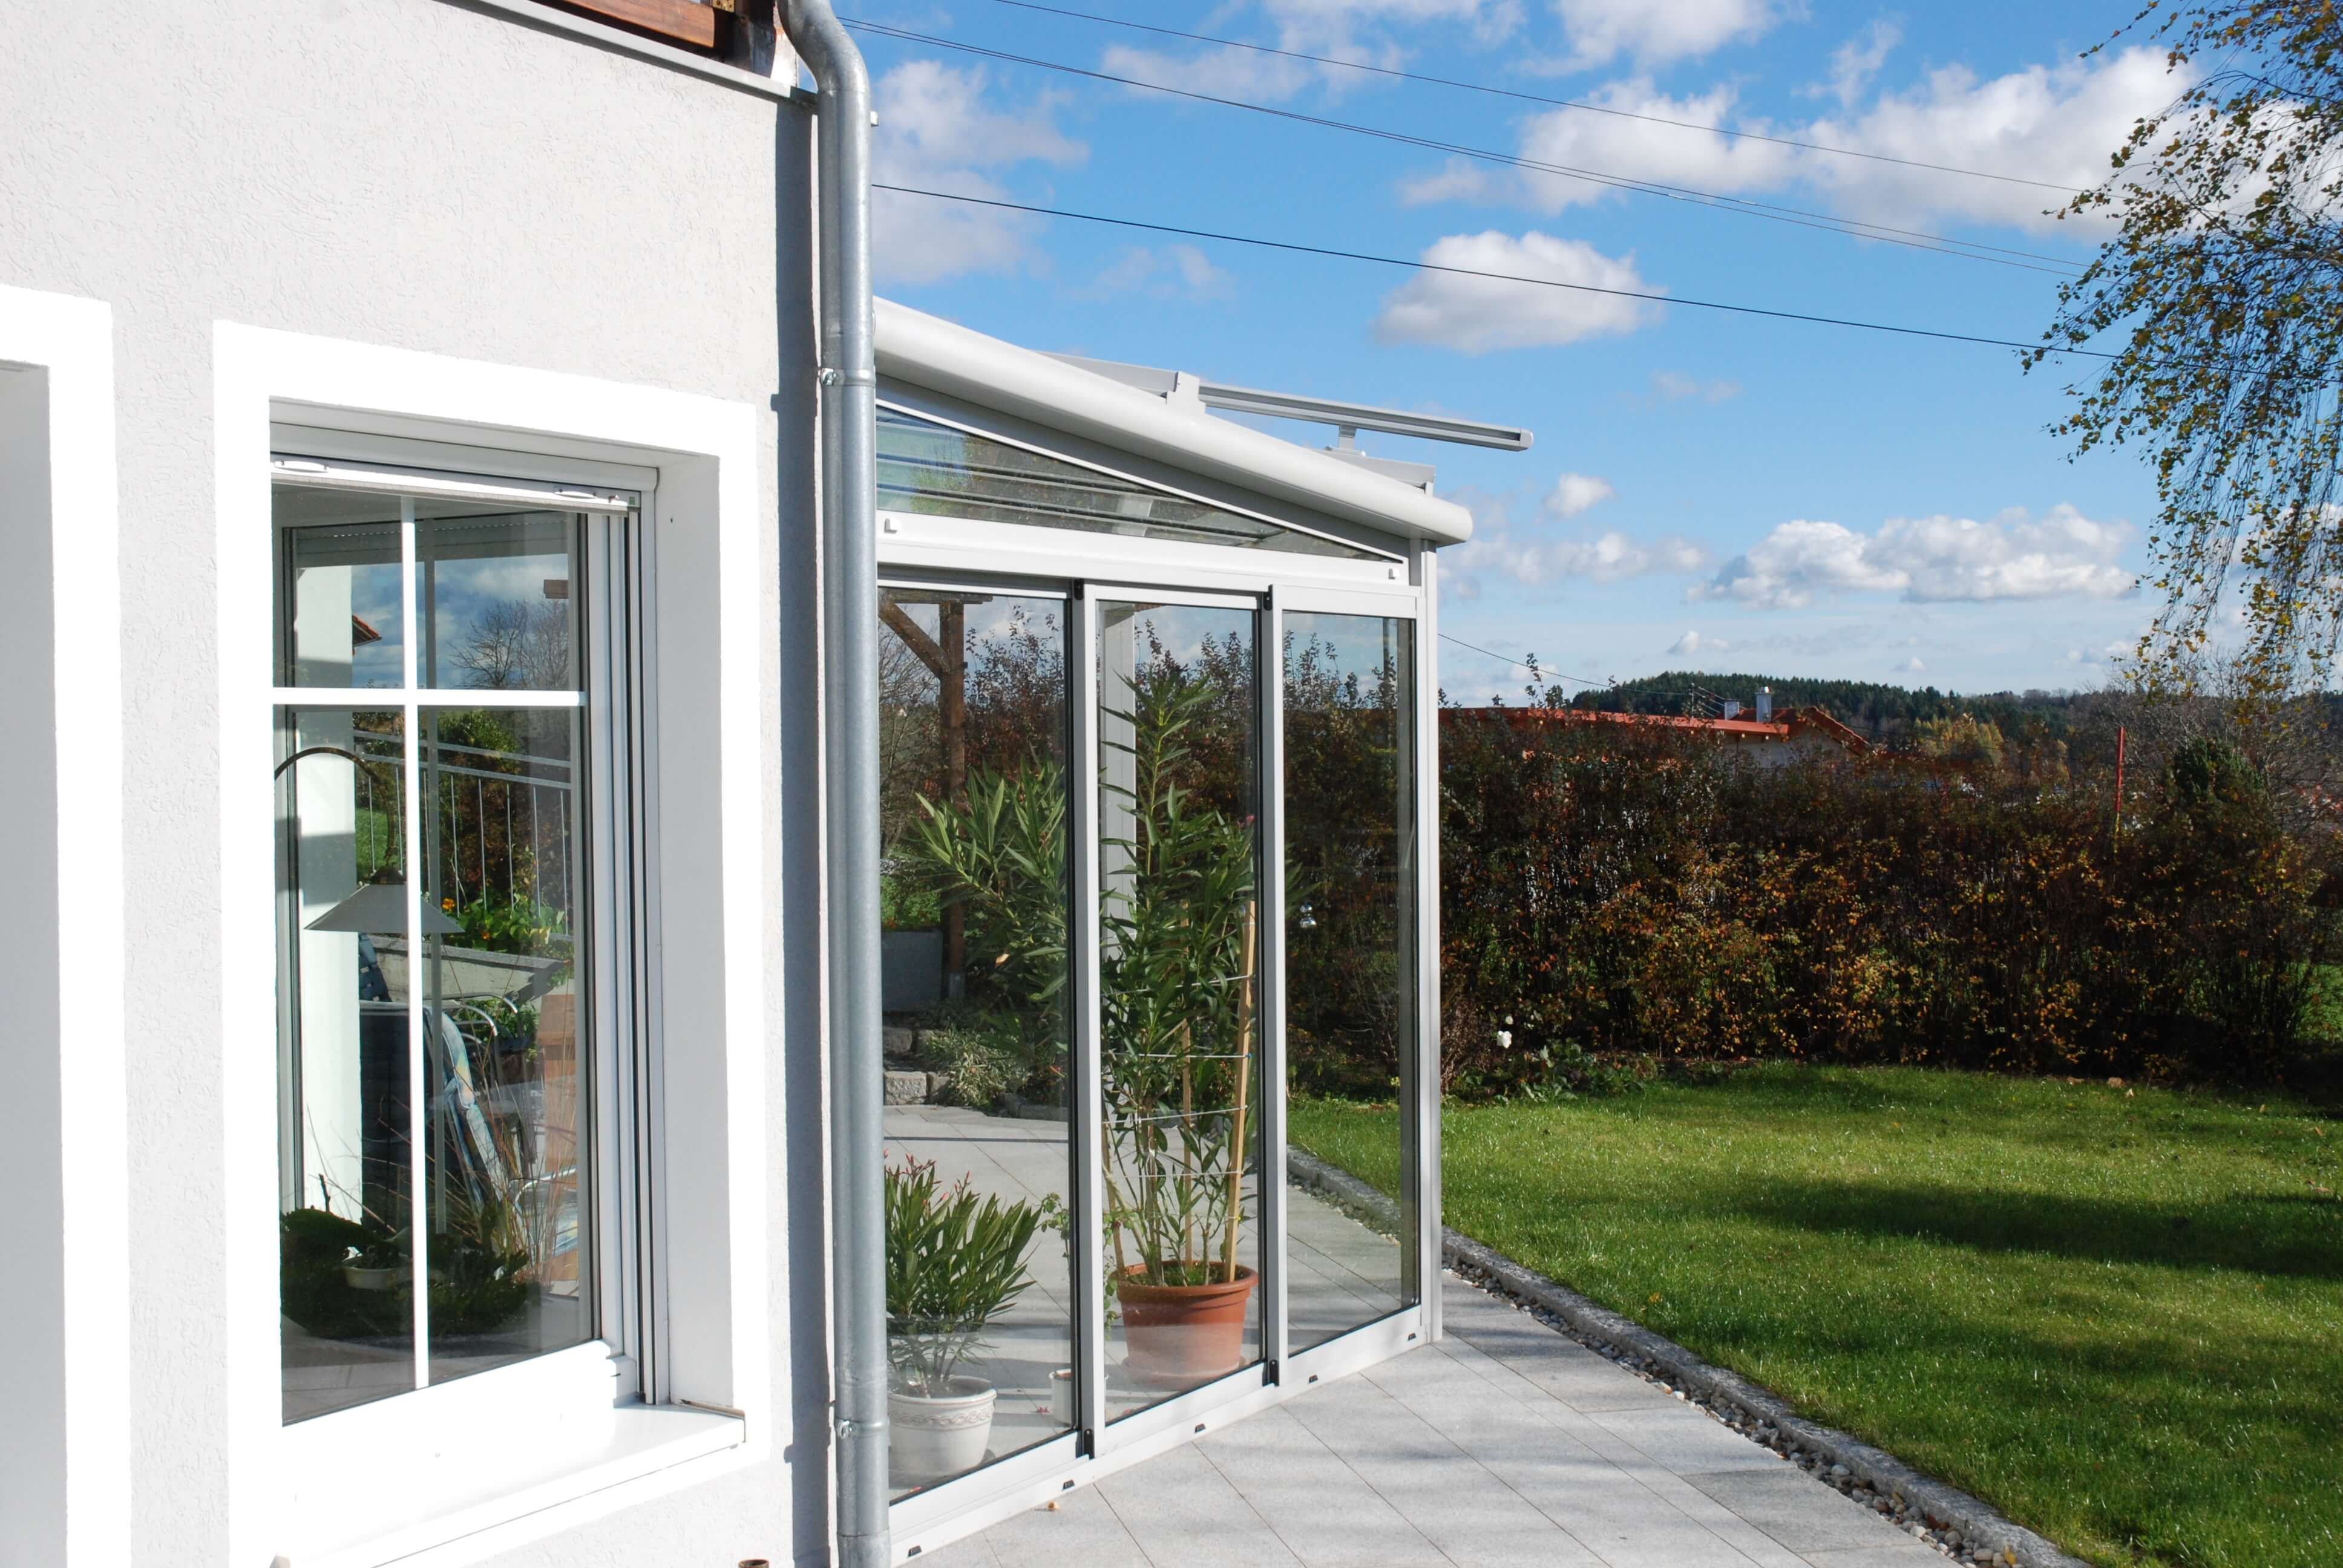 terrassen berdachung in wei mit schiebeverglasung terrassen berdachung terrassenverglasung. Black Bedroom Furniture Sets. Home Design Ideas